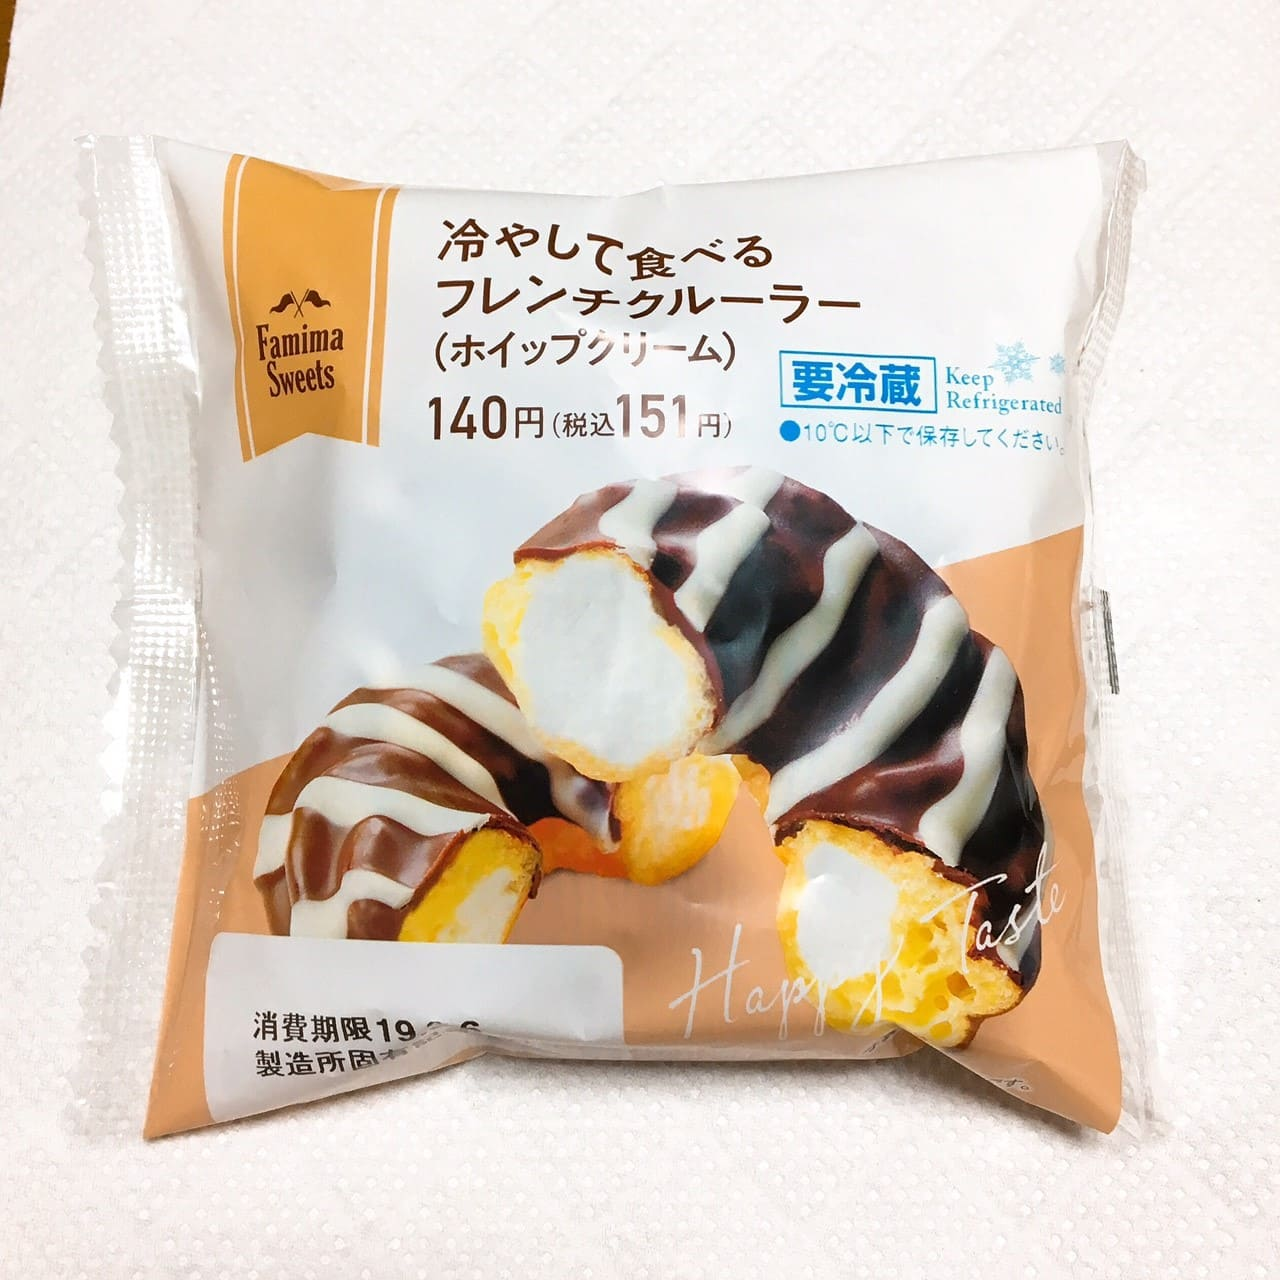 冷やして食べるフレンチクルーラー(ホイップクリーム)